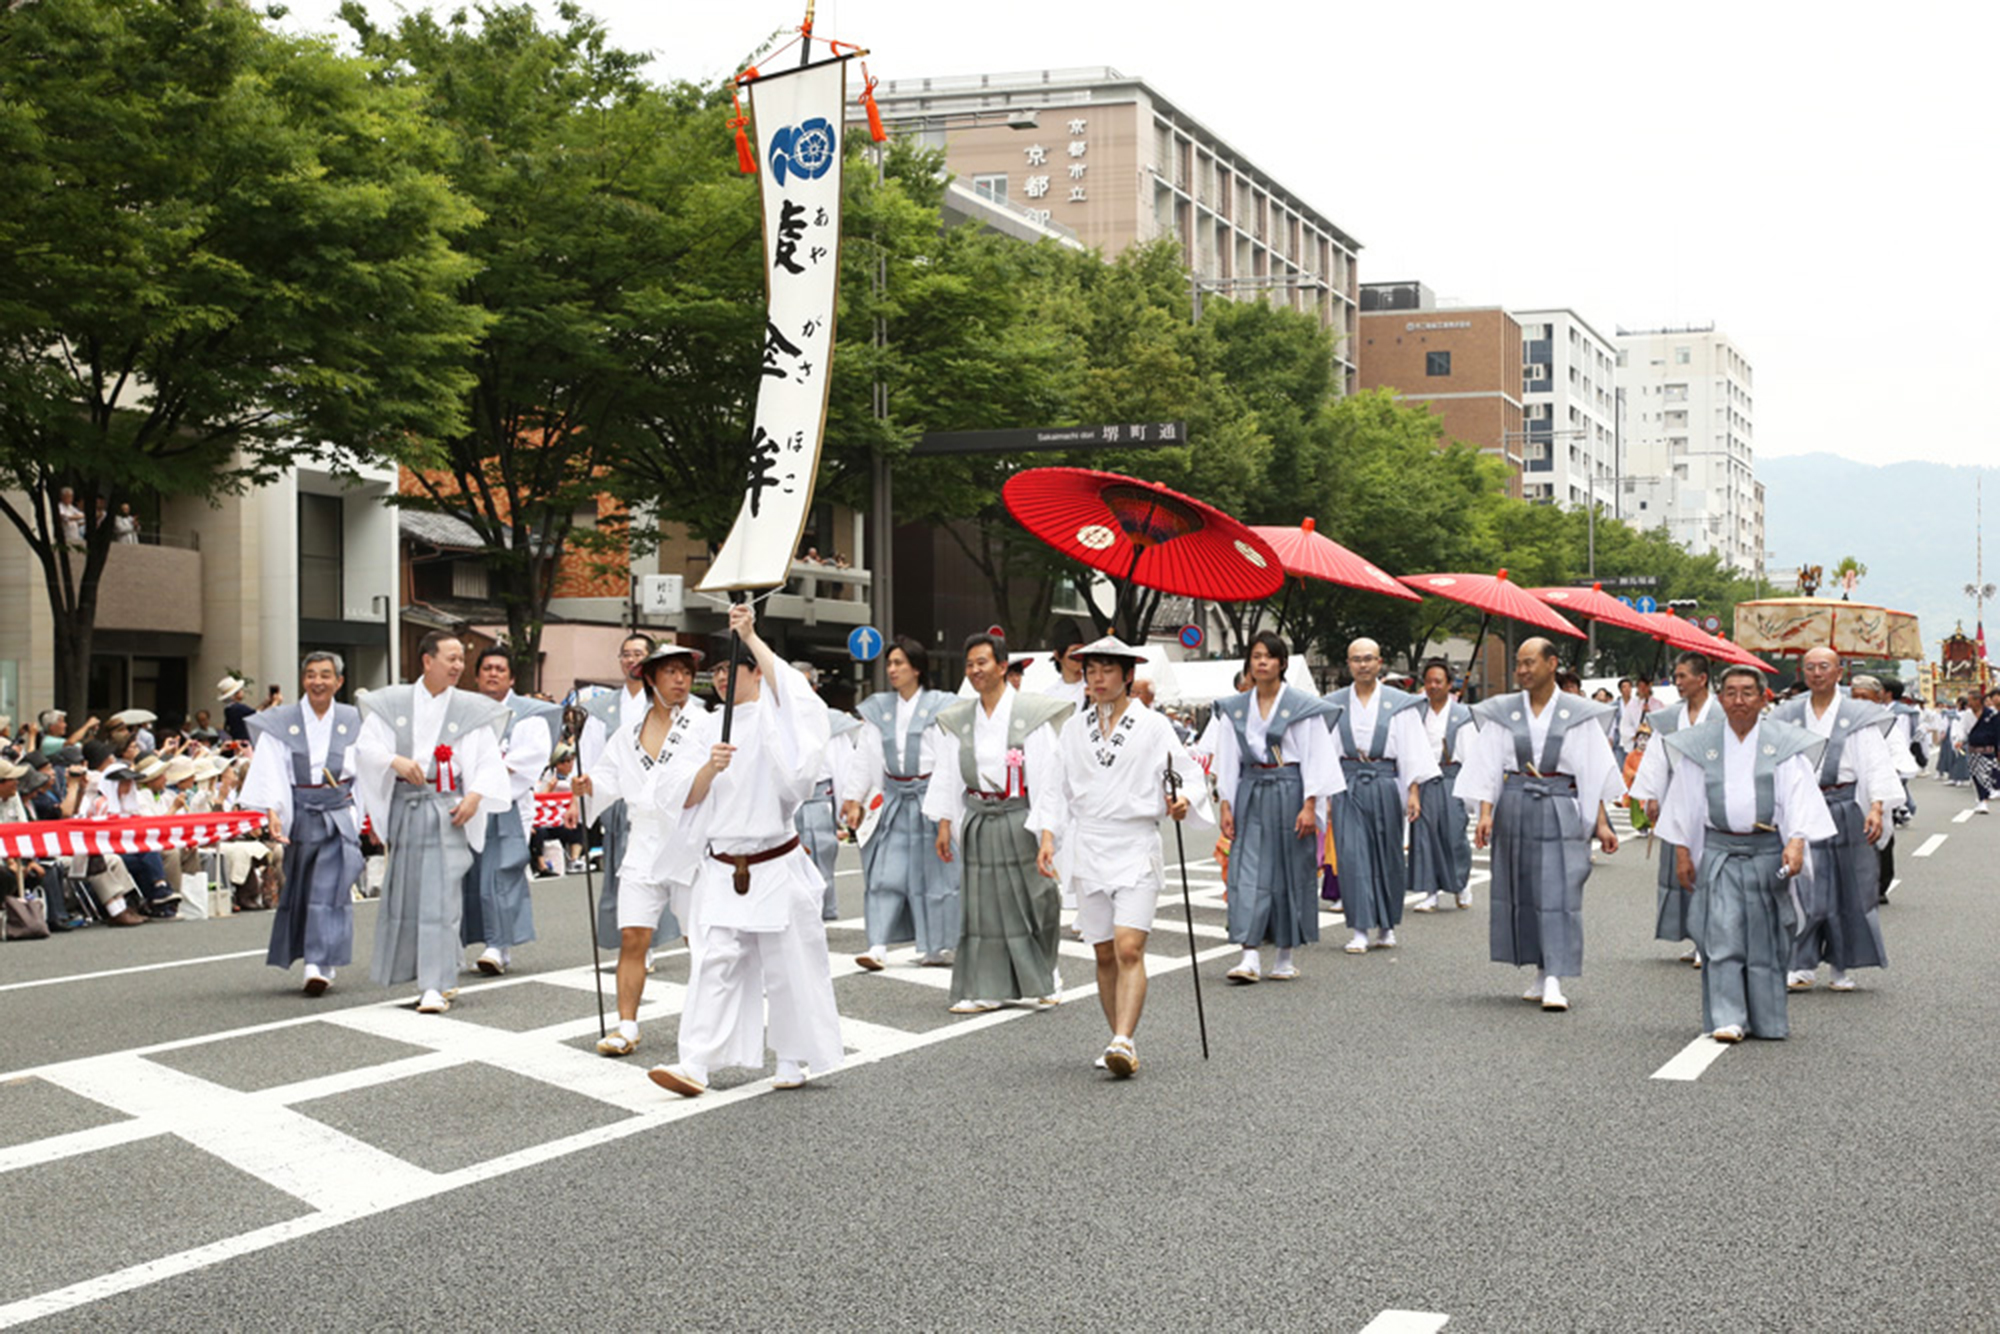 日本三大祭りの「祇園祭」に参加できるチャンス!